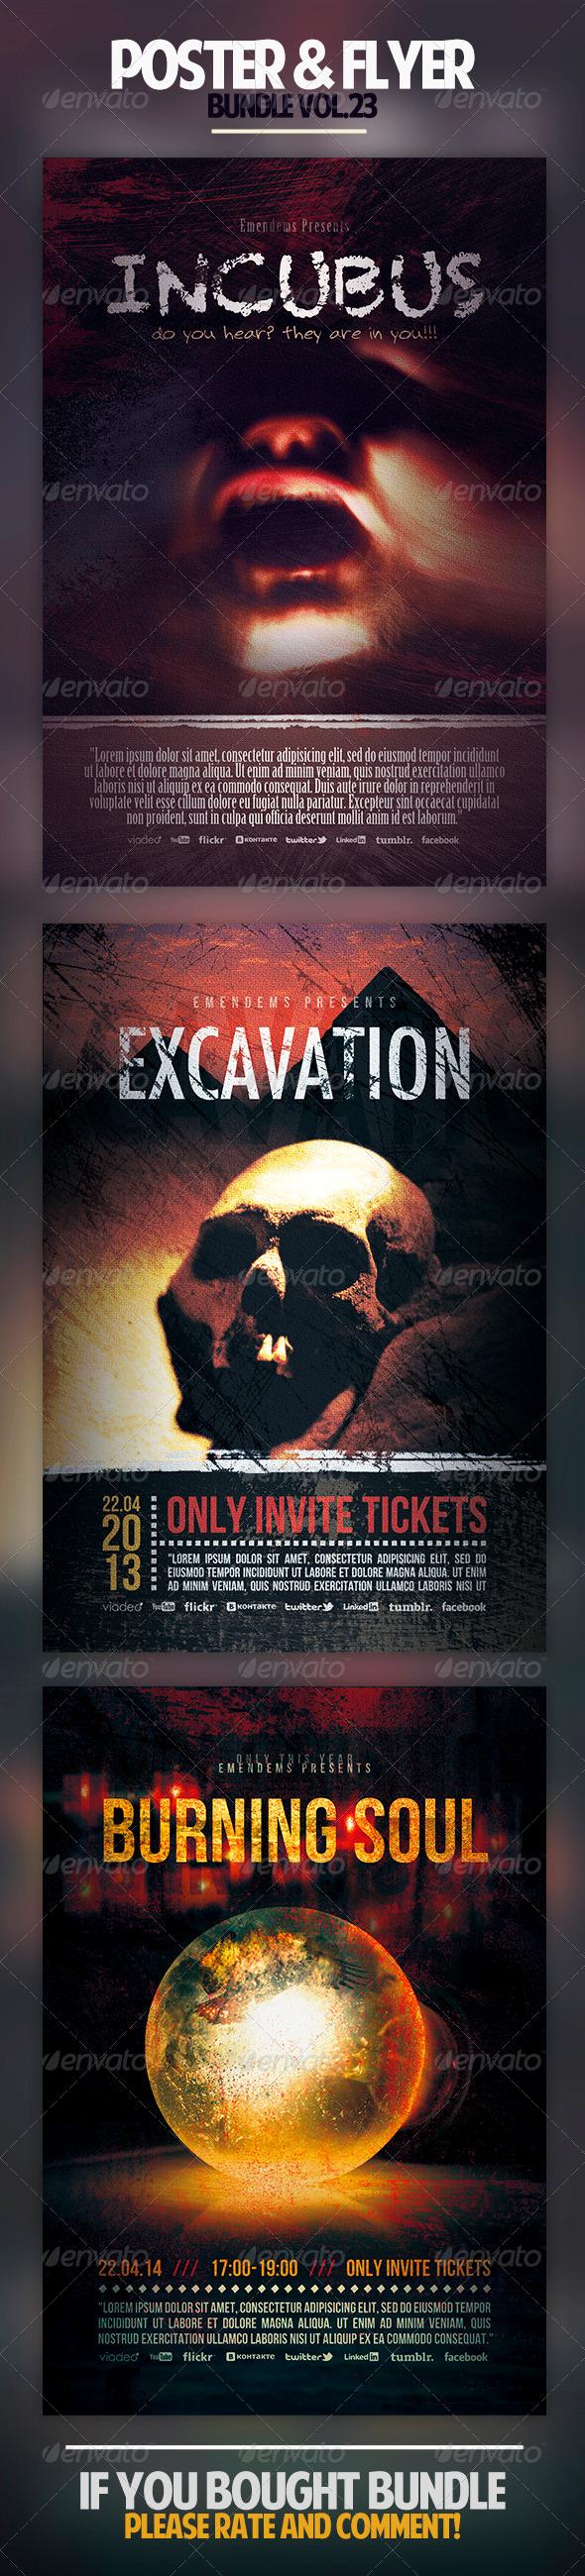 Poster & Flyer Bundle Vol.23 - Miscellaneous Events